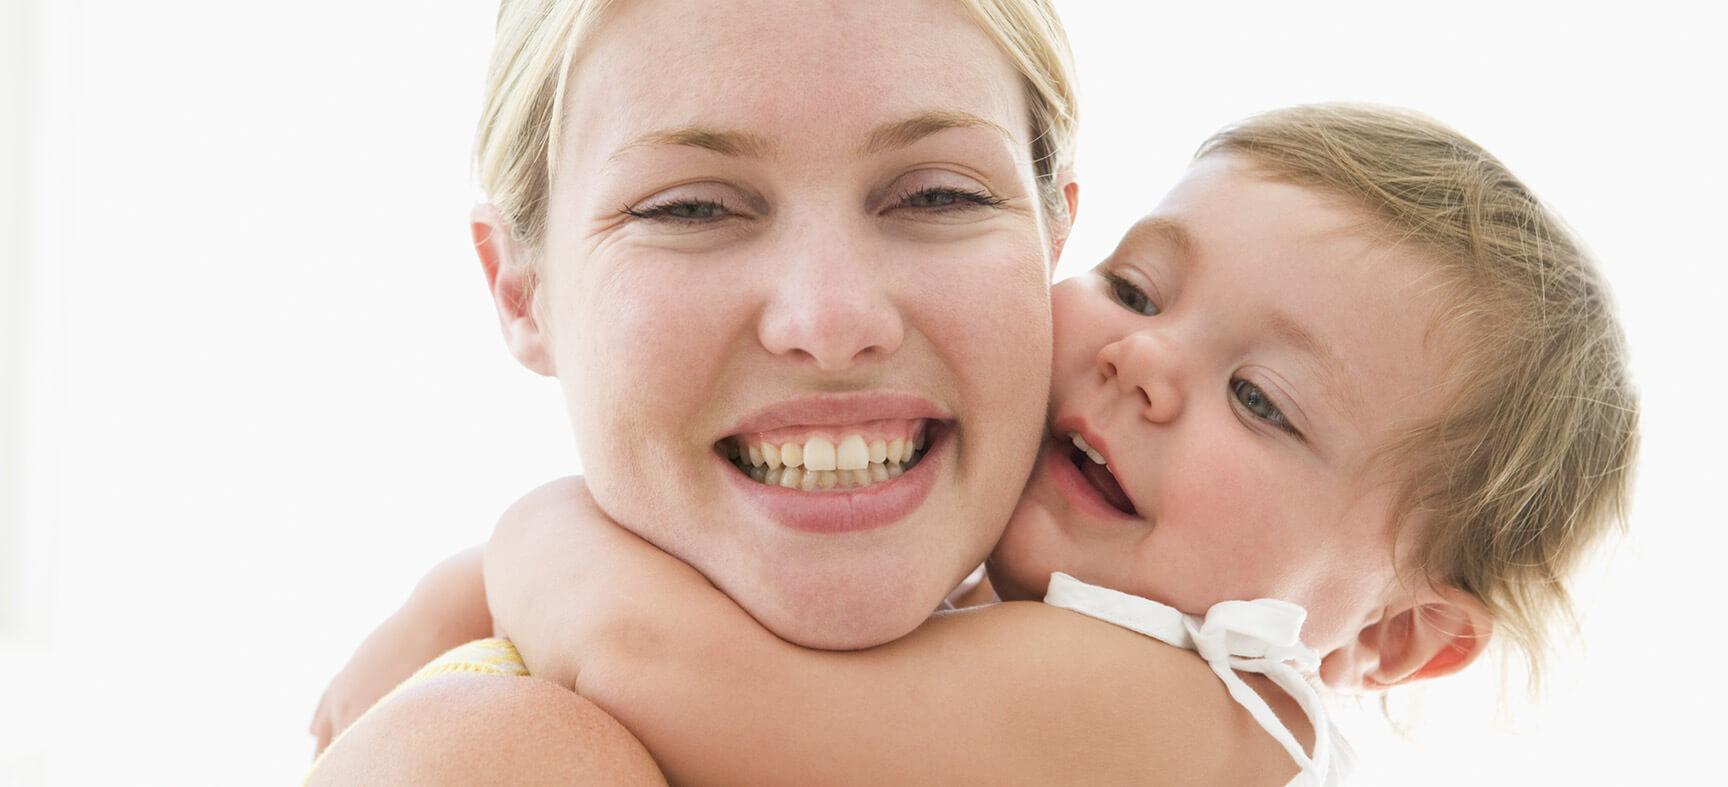 Childhood Illnesses: Fifth Disease